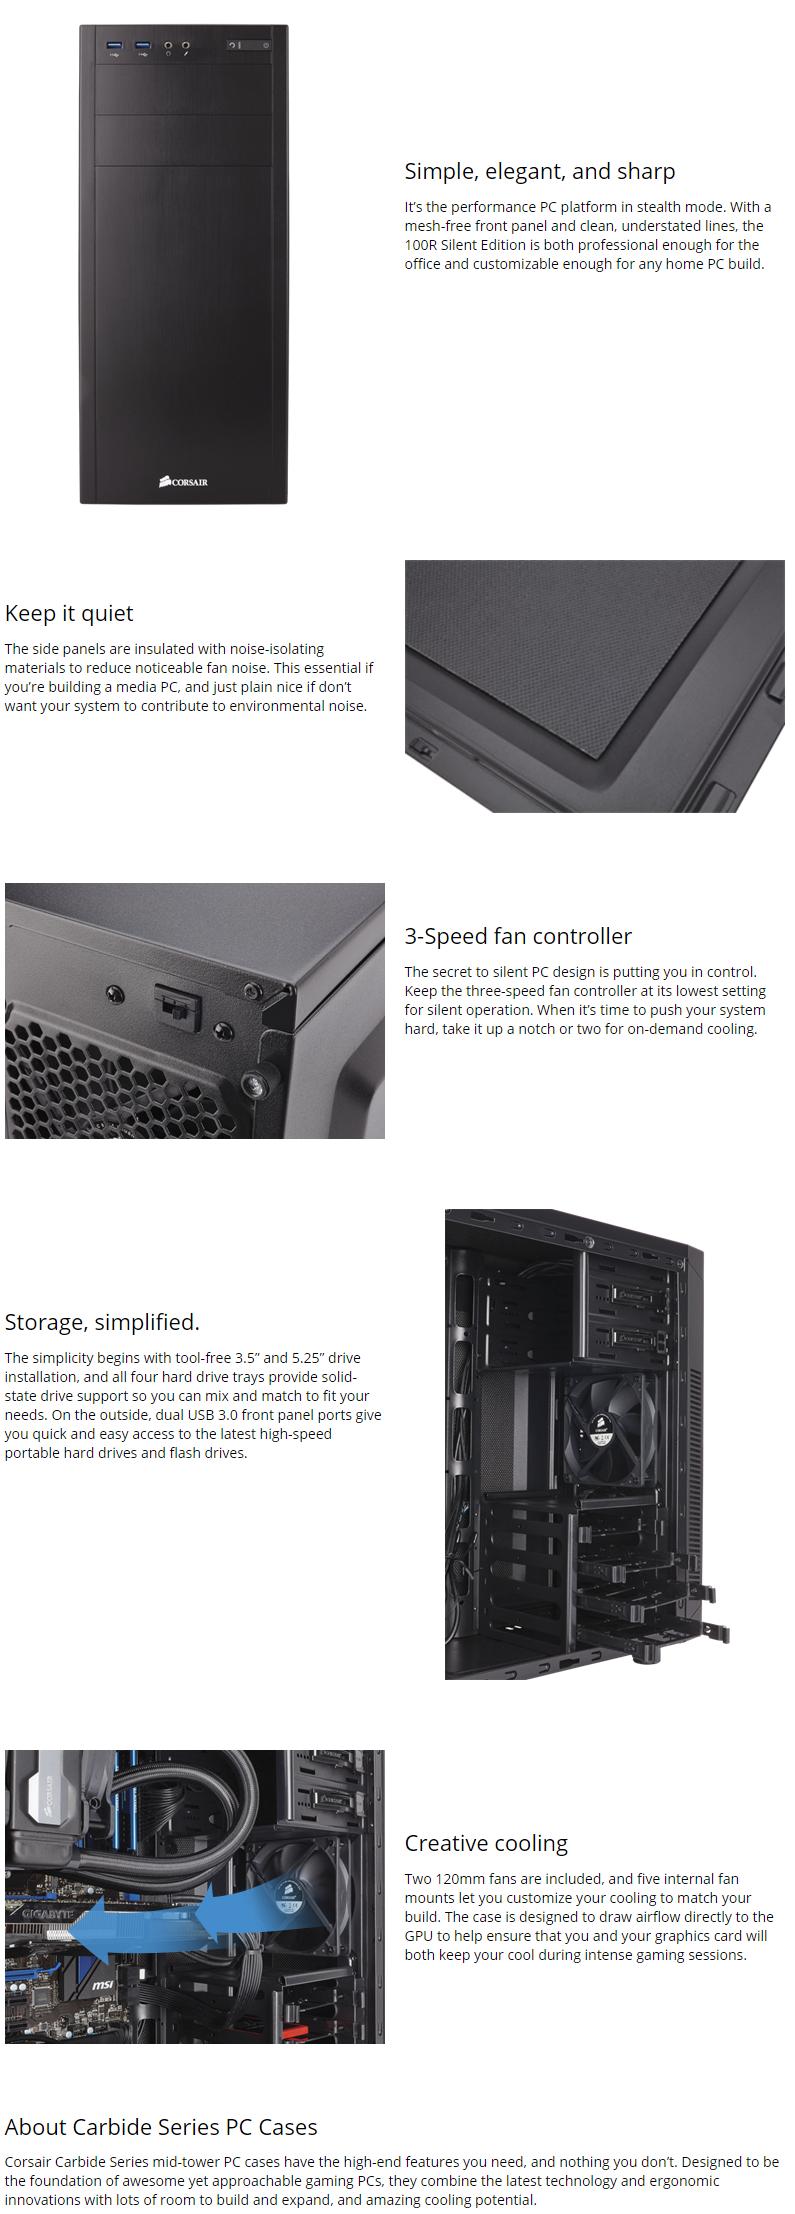 Corsair Carbide Series 100R Silent Ed Mid Tower Case